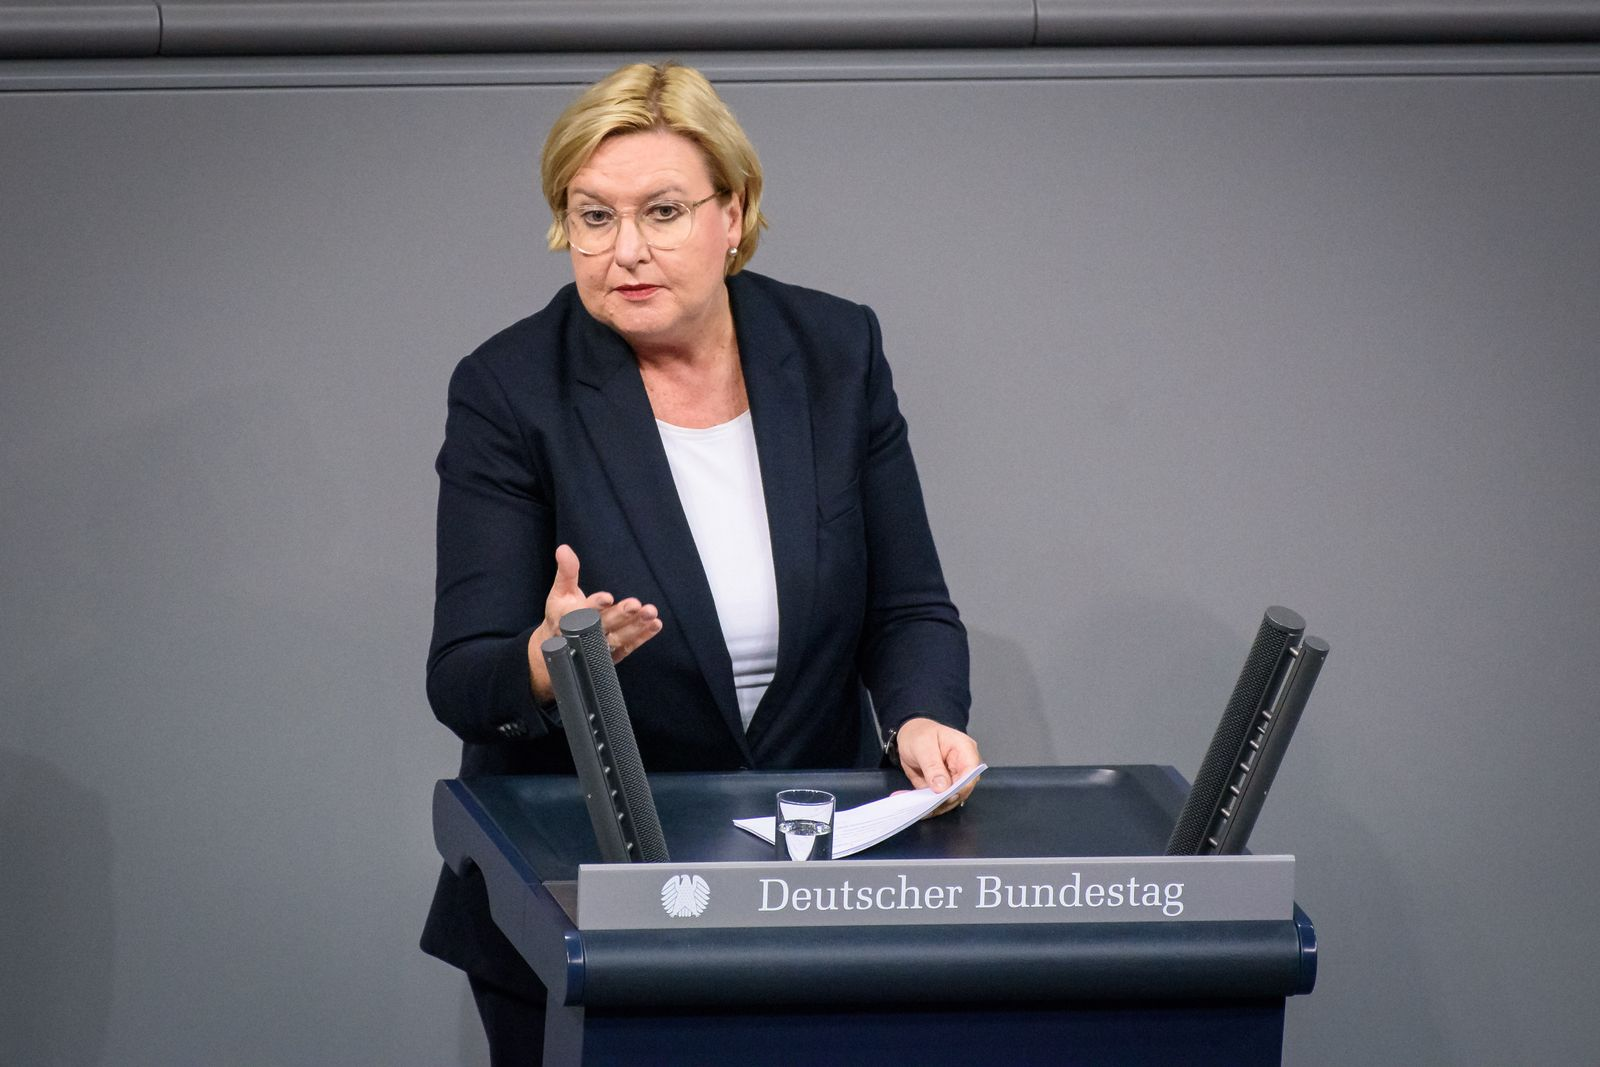 Sitzung des deutschen Bundestags Deutschland, Berlin - 14.11.2019: Im Bild ist Eva Högl (spd) während der Sitzung des de